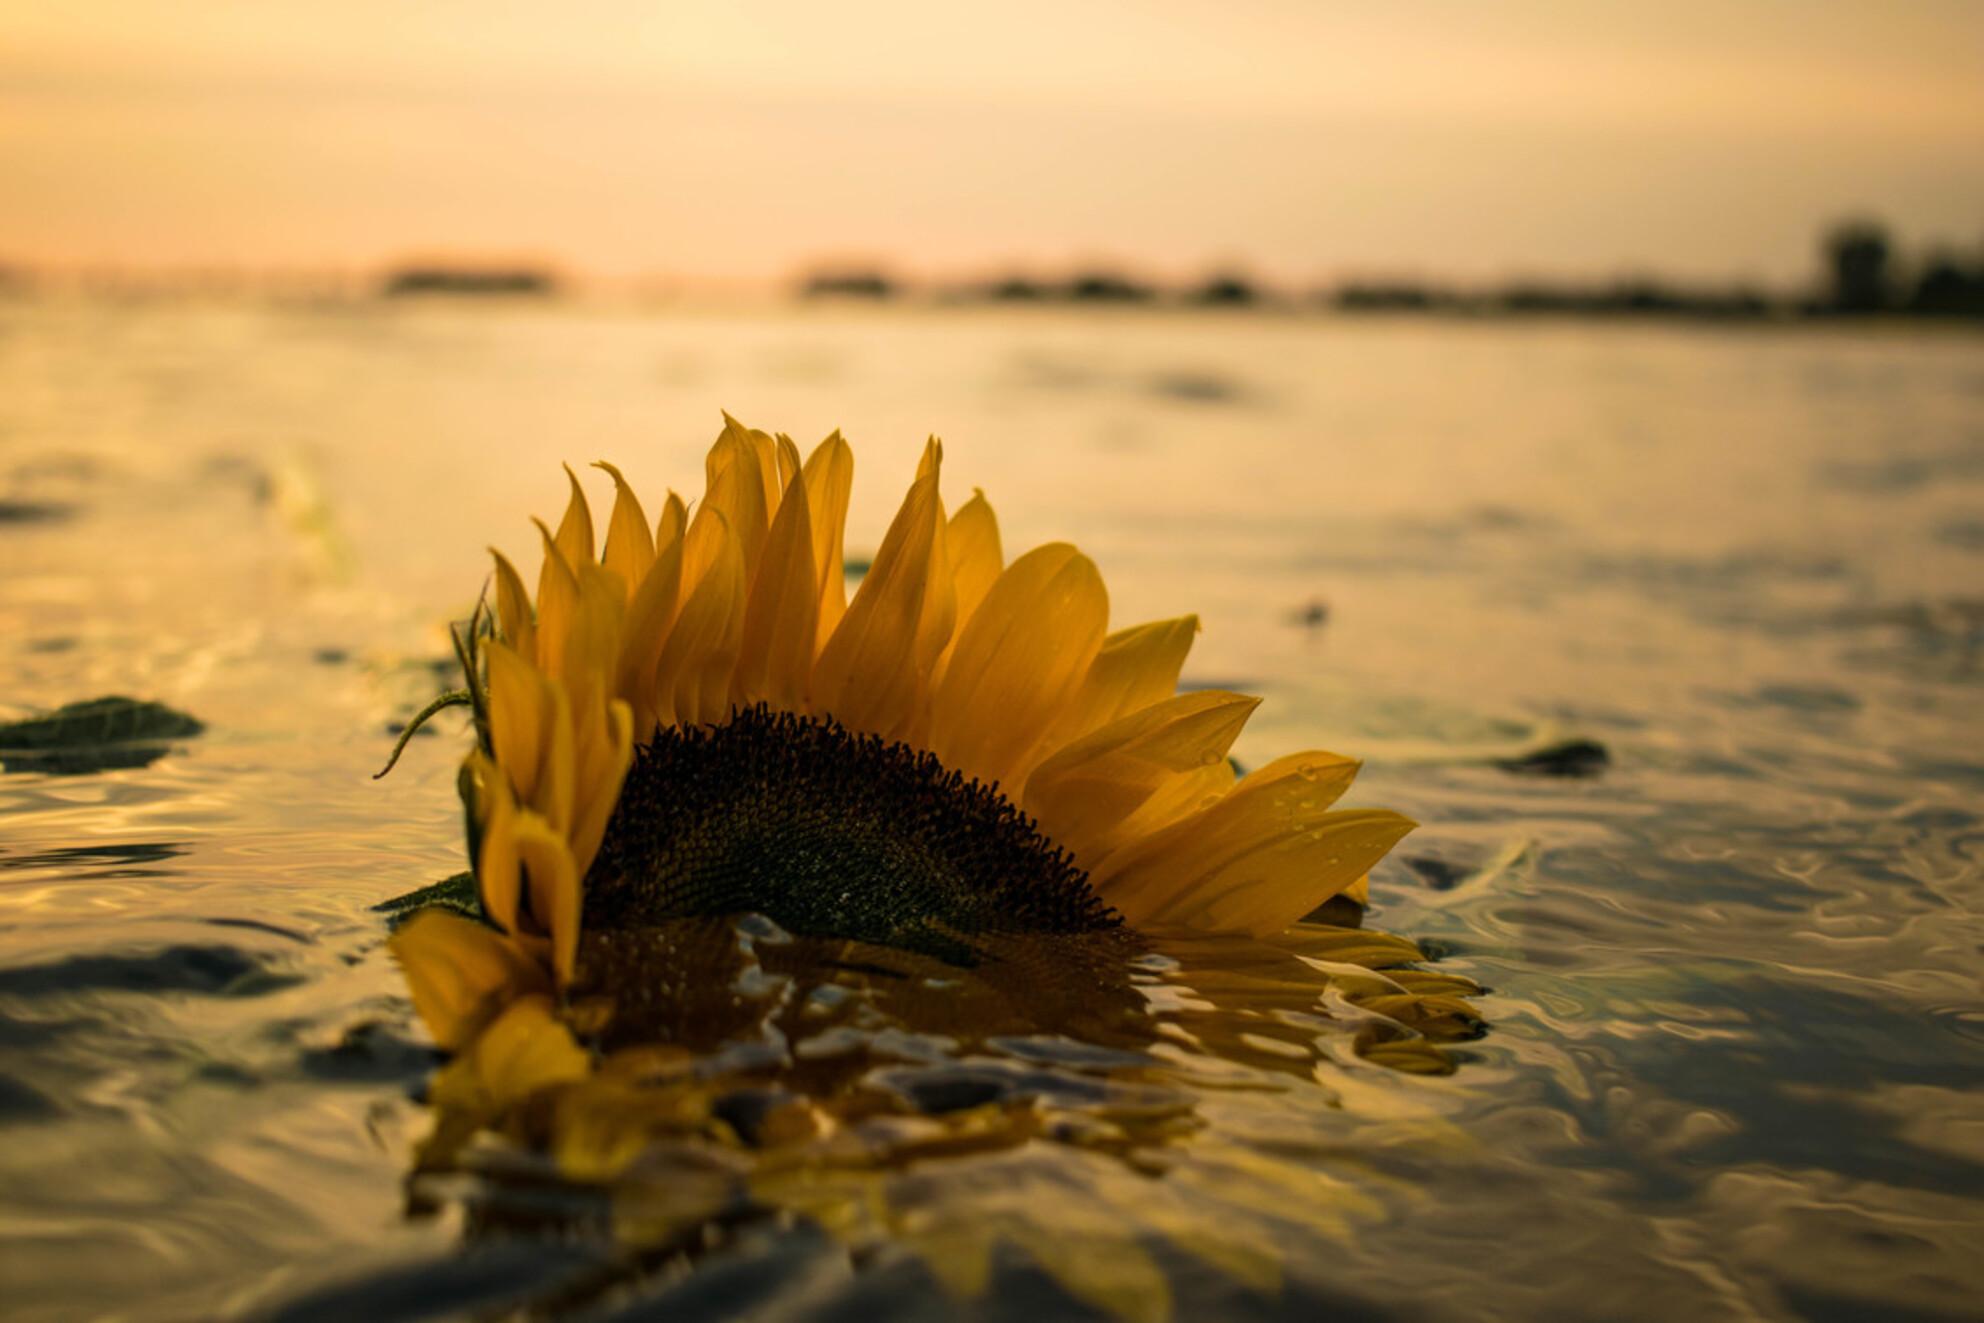 Sinking The Love - - - foto door Rsnoekphotography op 19-10-2016 - deze foto bevat: zon, zee, bloem, water, natuur, geel, zonsondergang, landschap, tegenlicht, zomer, voorjaar, meer - Deze foto mag gebruikt worden in een Zoom.nl publicatie